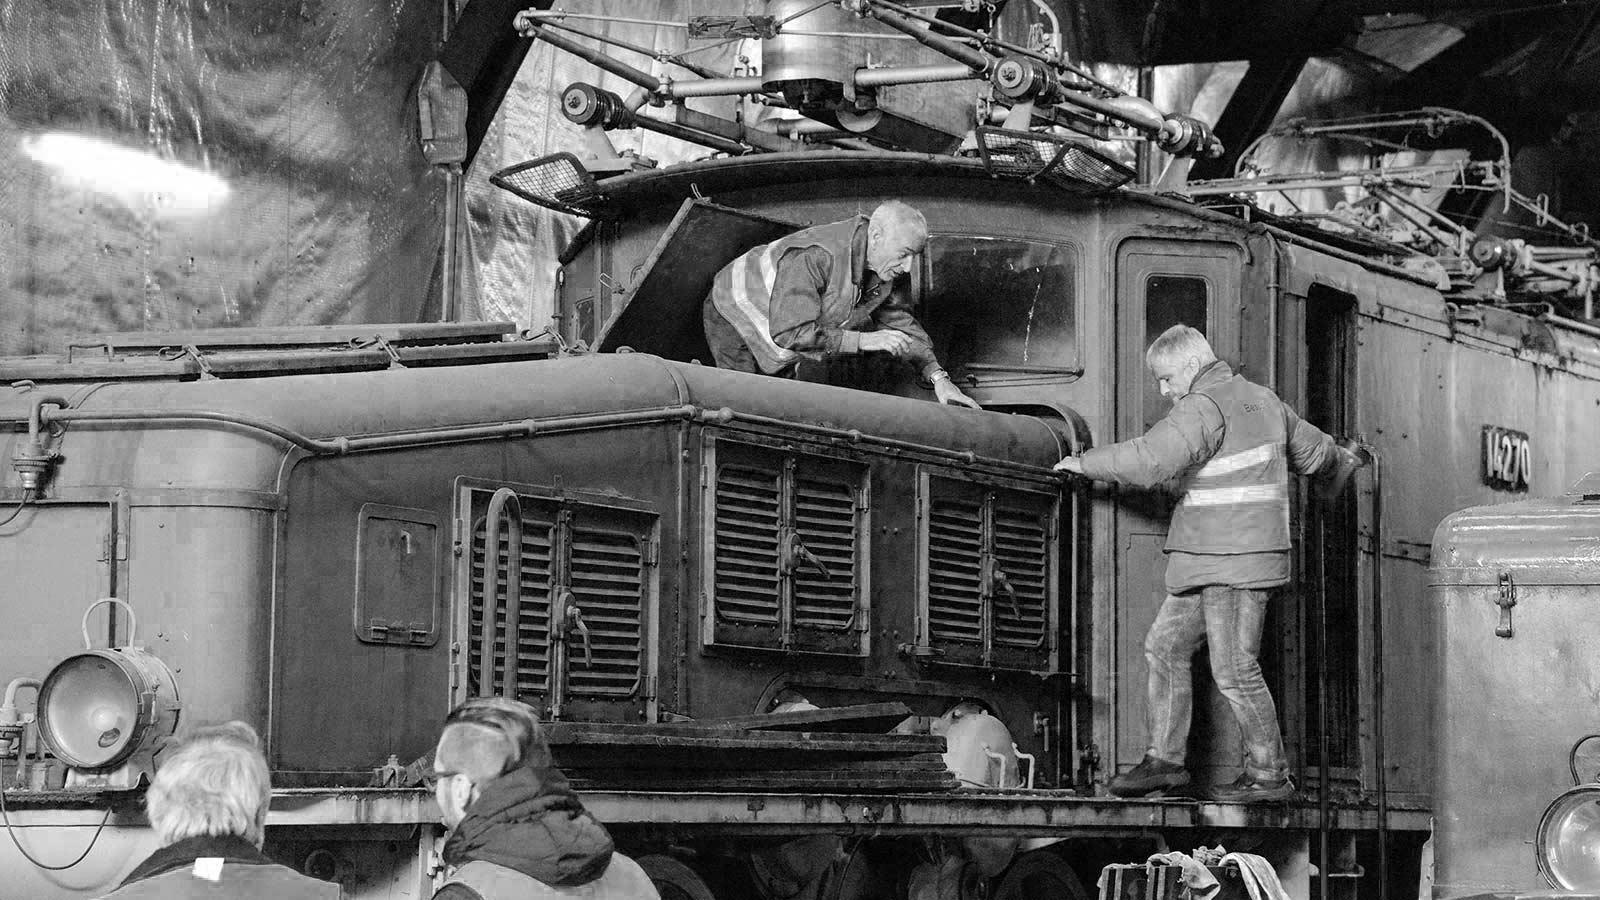 Die Krokodil-Lokomotive Nr. 14270 vor der Restaurierung